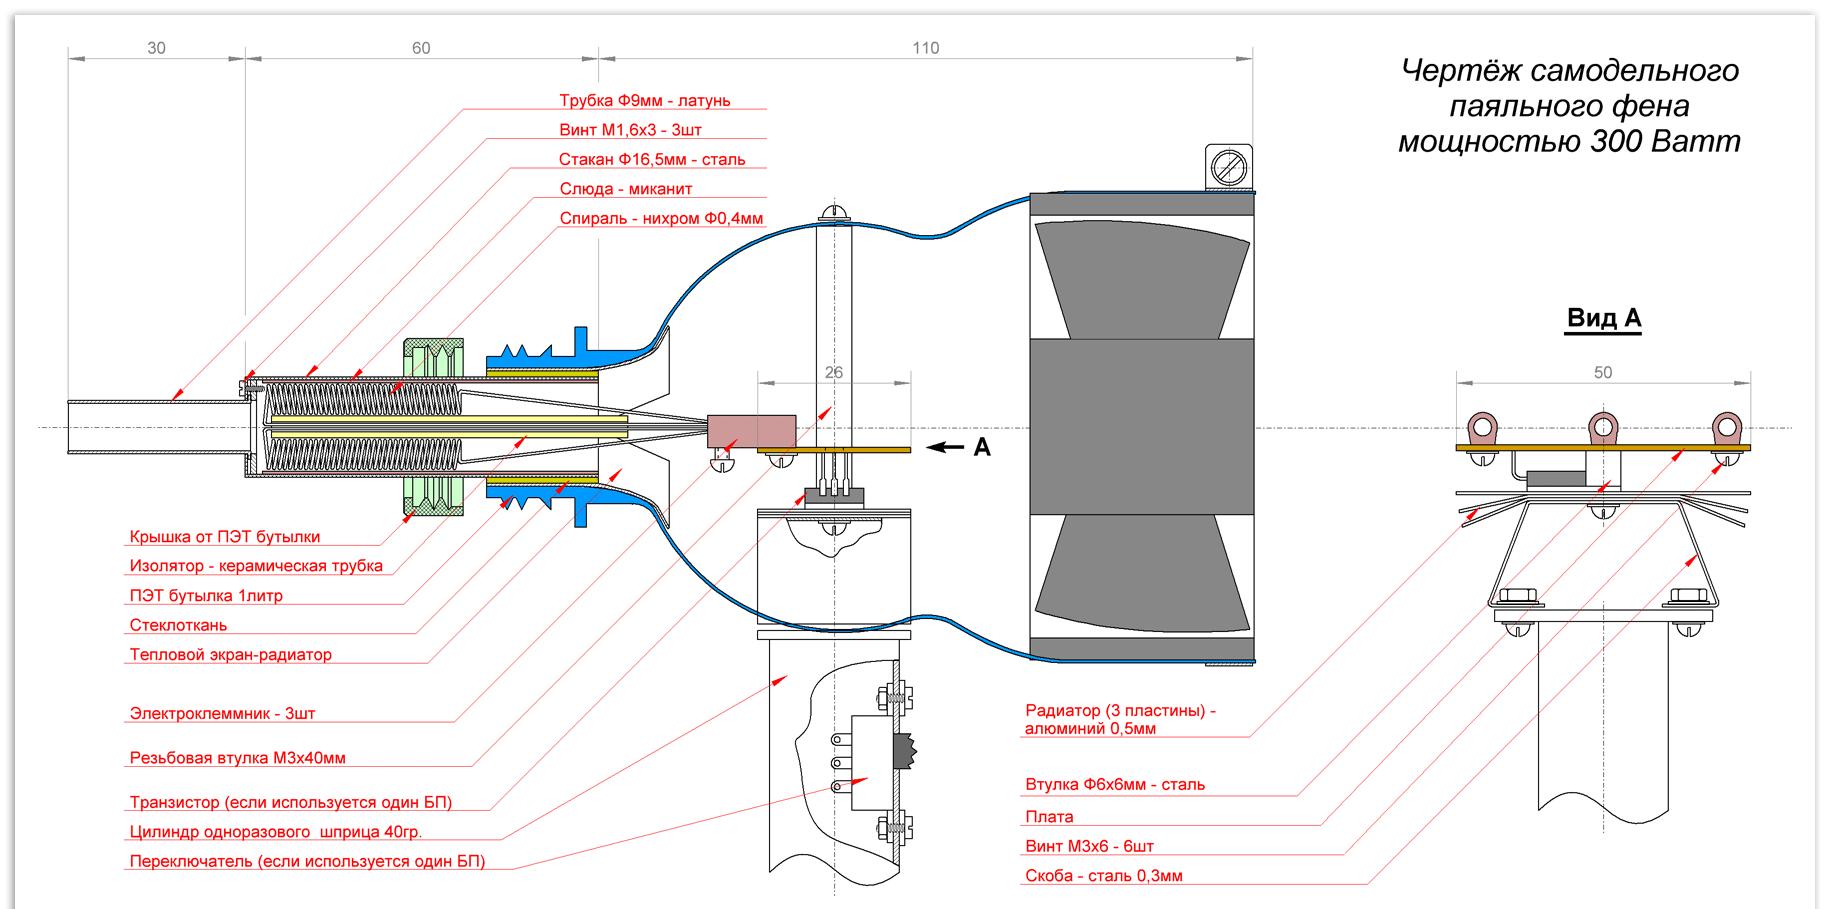 Паяльная станция: как сделать паяльный фен своими руками